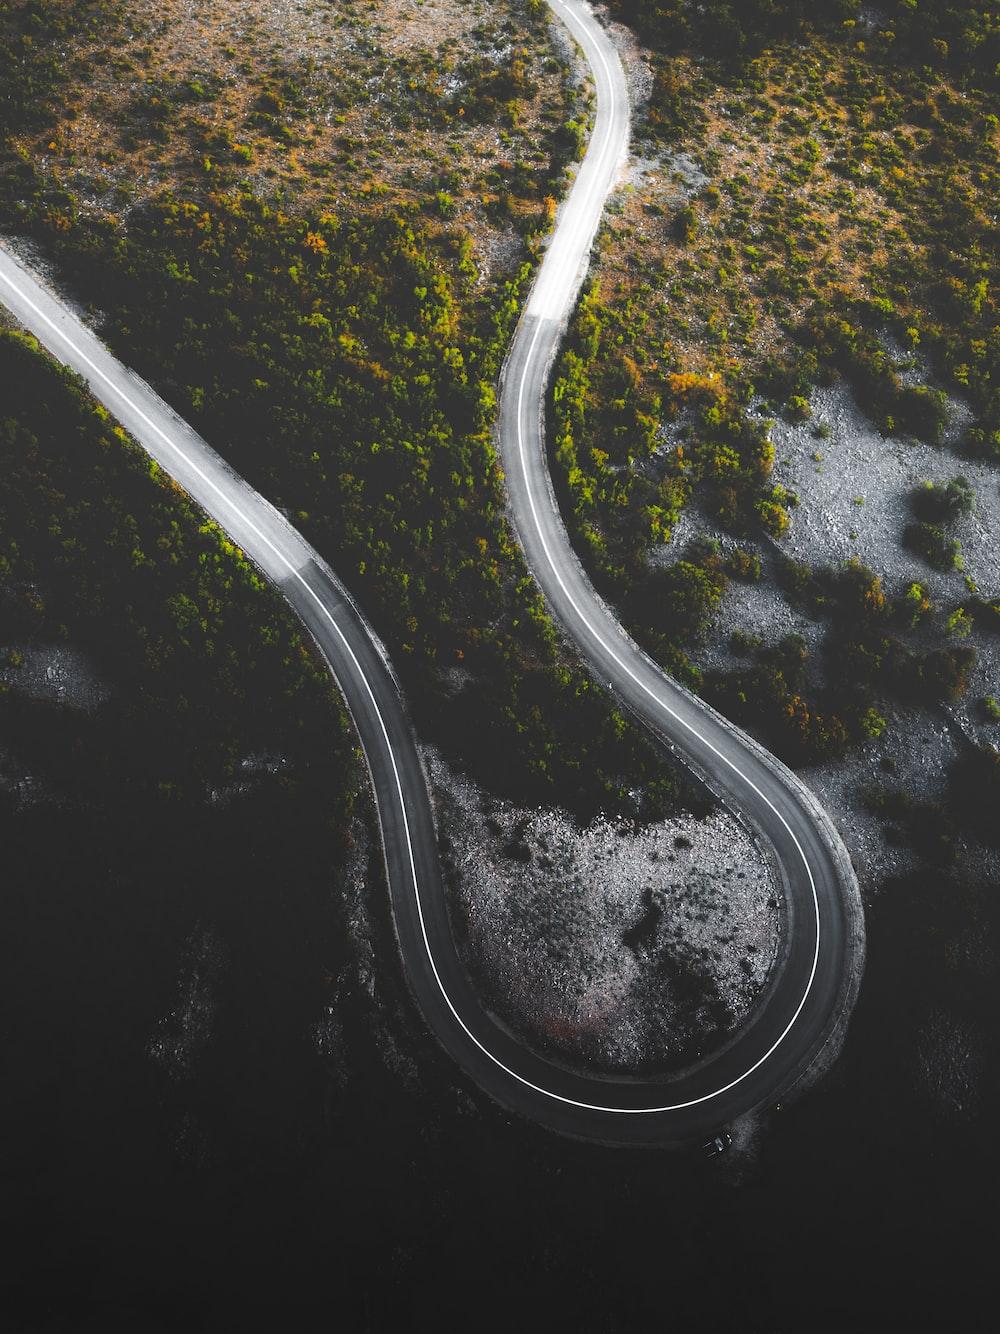 white line on asphalt road